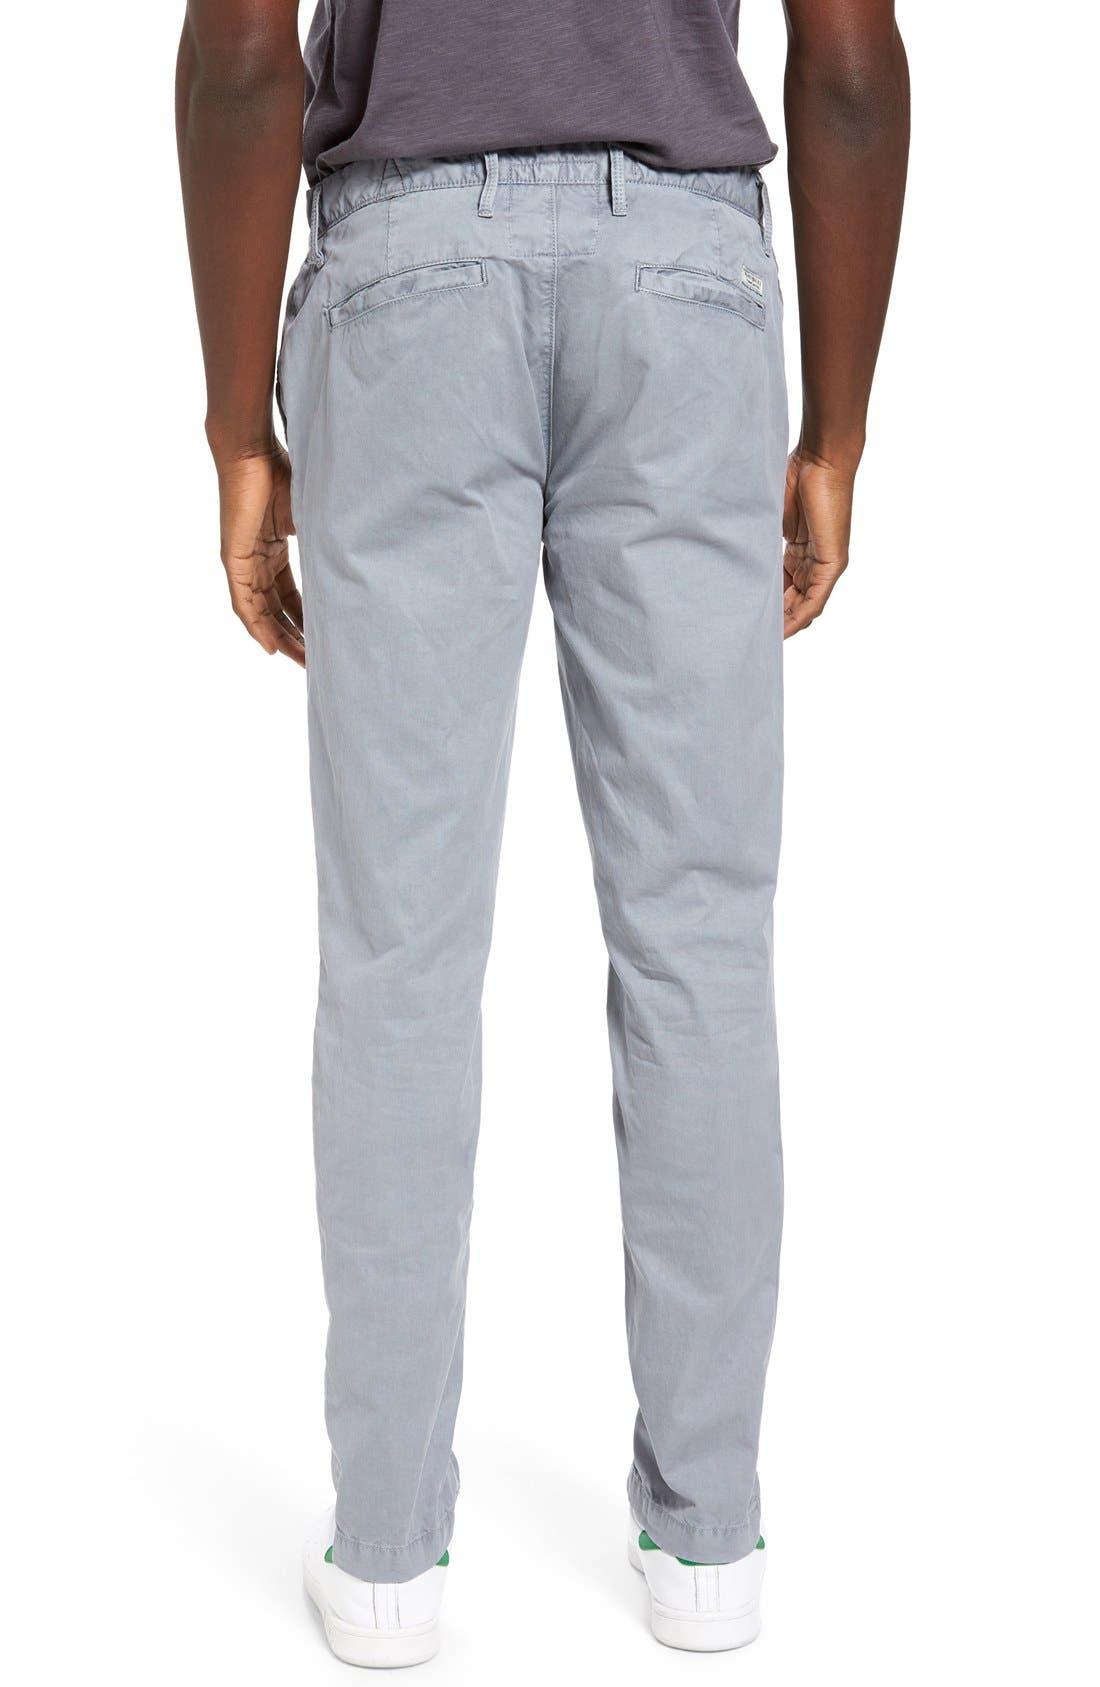 Bloomington Chino Pants,                         Main,                         color, 020